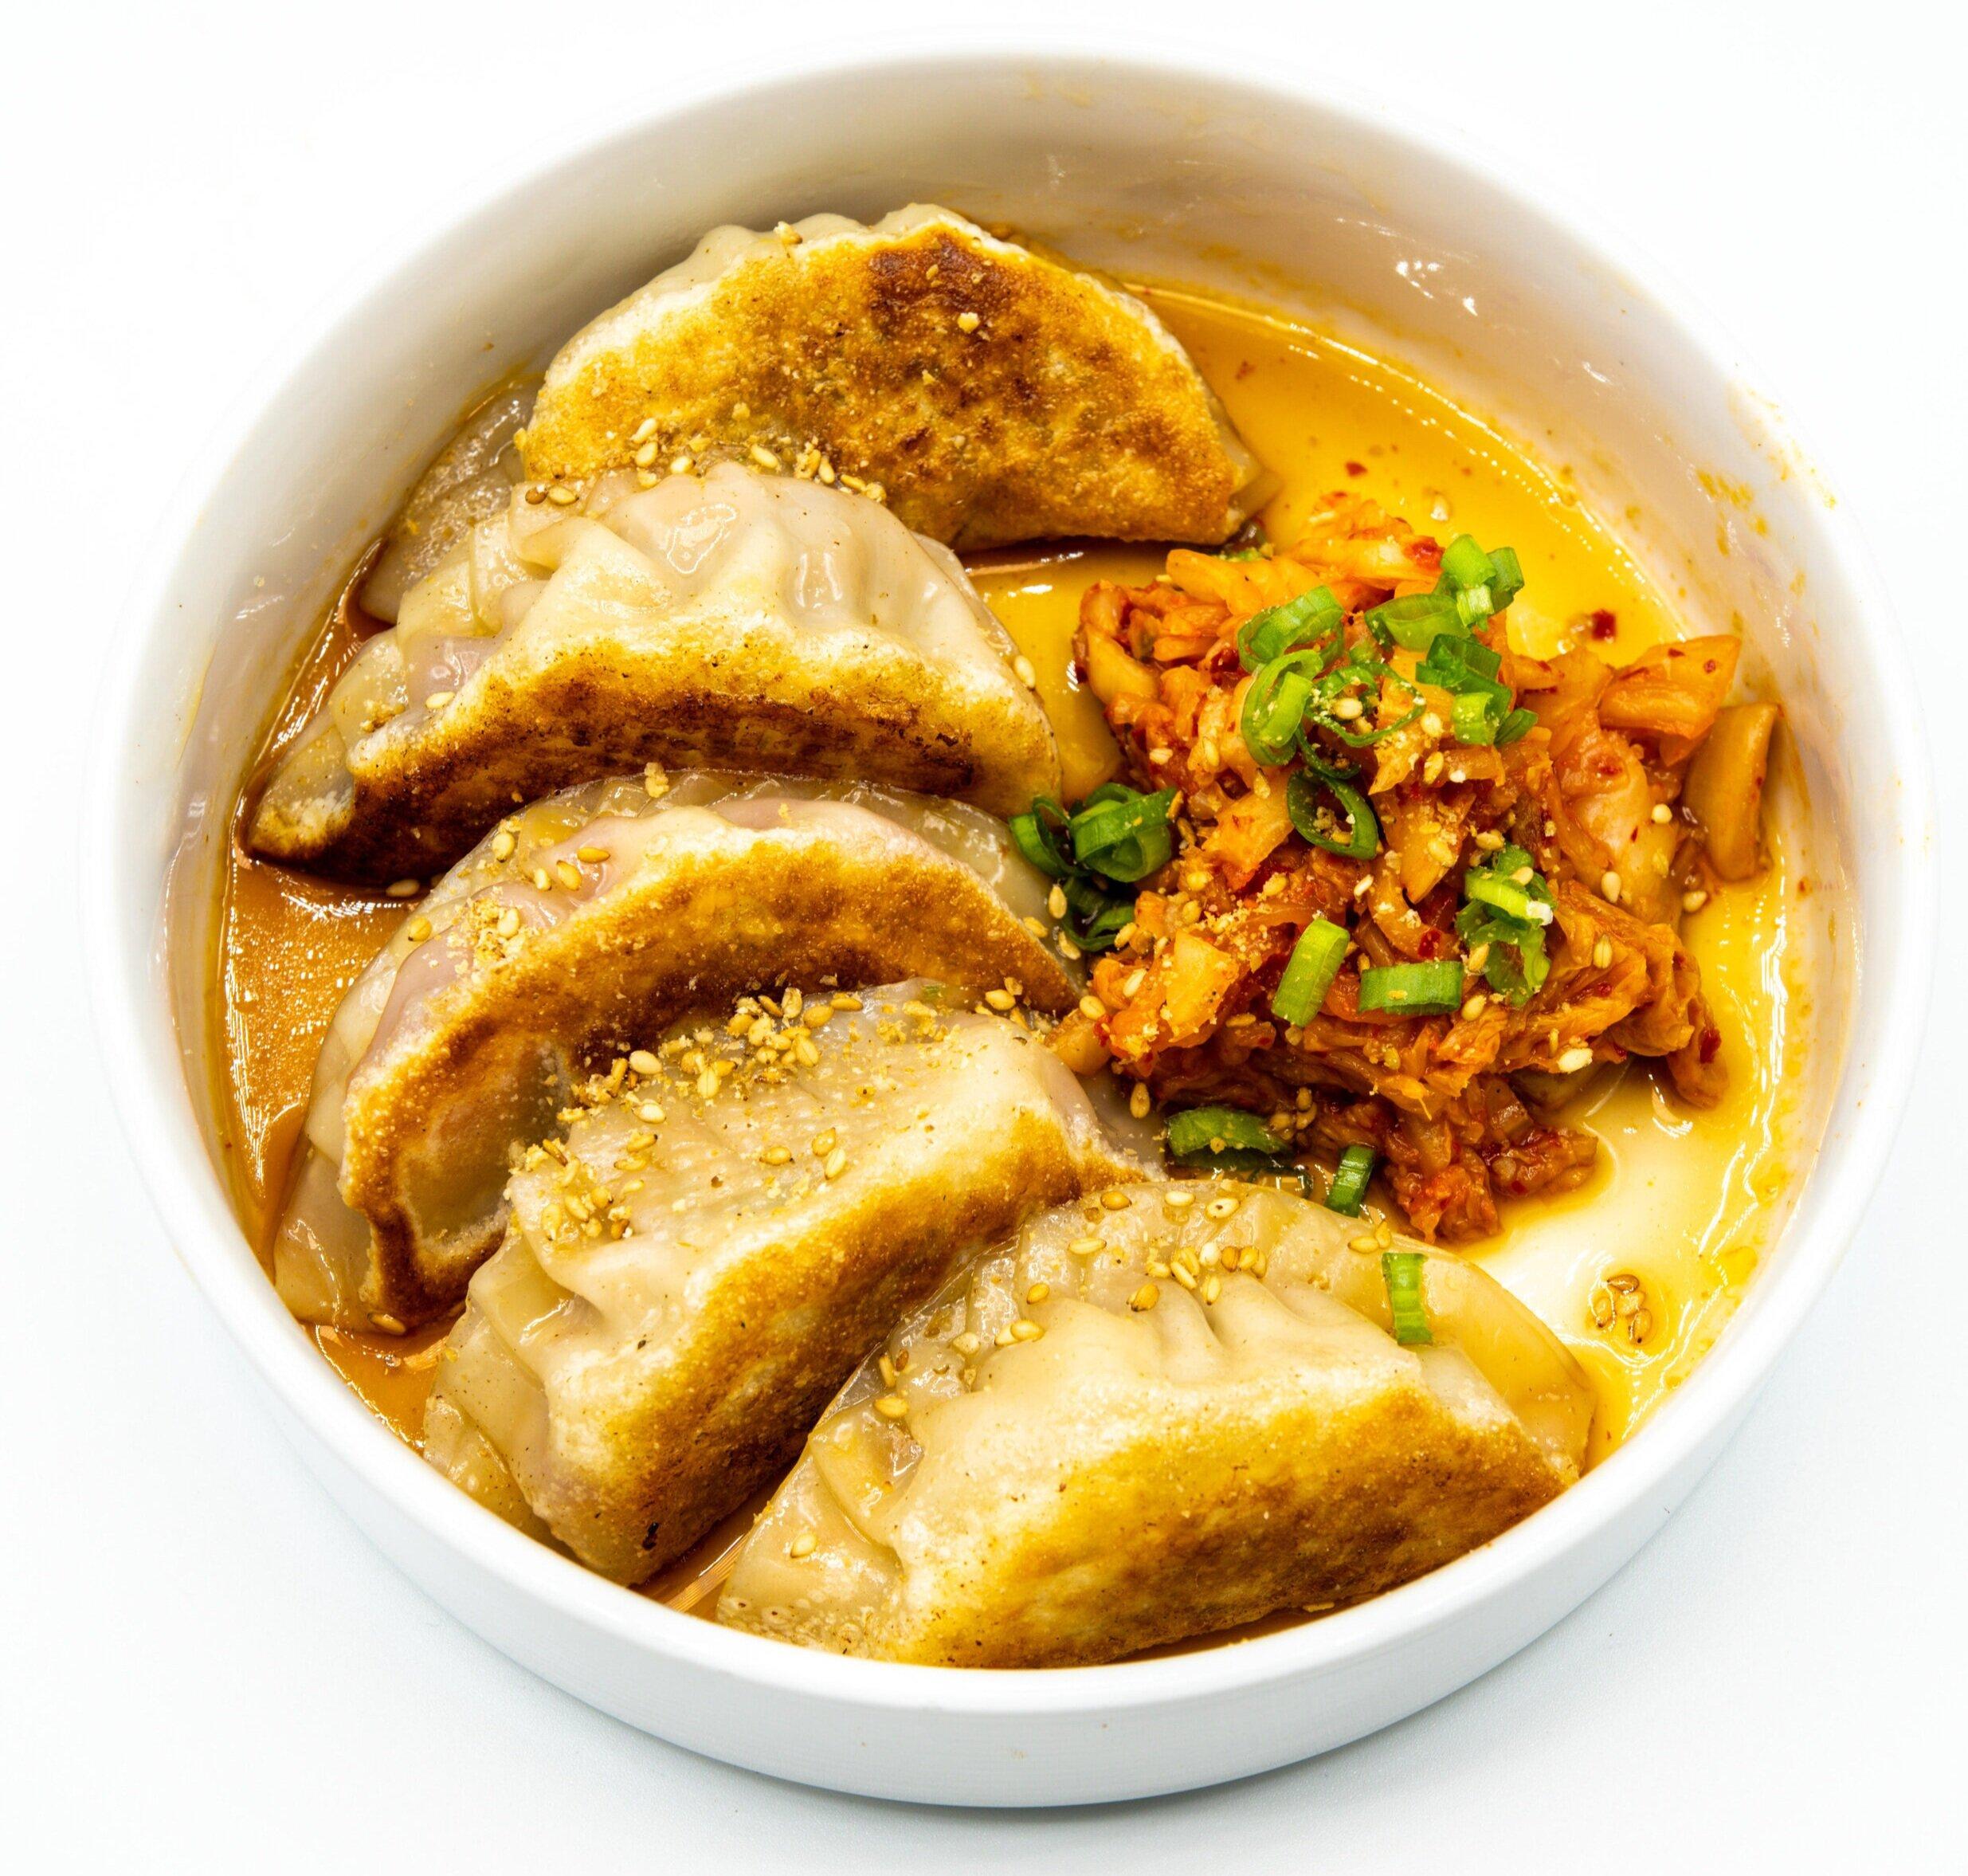 Anju+-+Mandu-dumplings.jpg